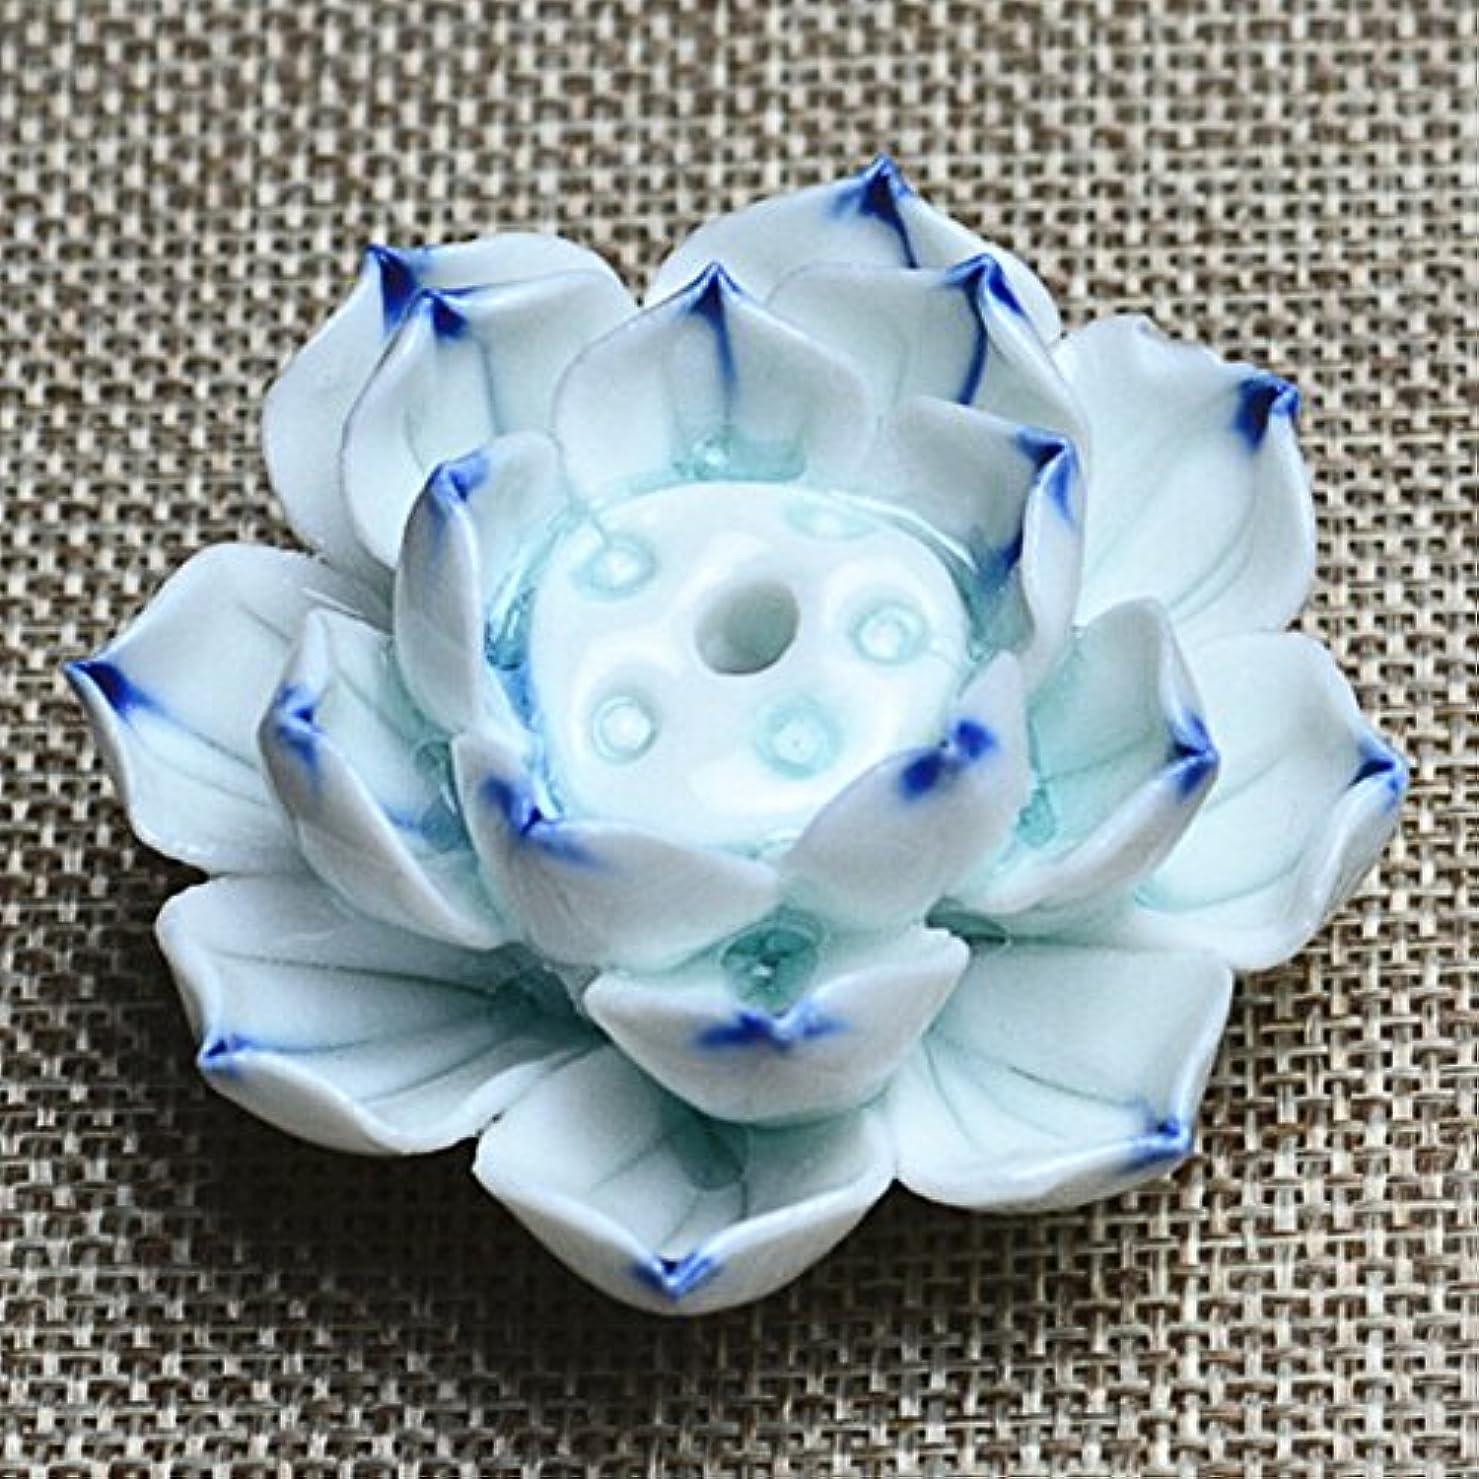 珍しい珍しい階層Liebeye セラミック 香炉 バーナー スティック ホルダー アッシュ キャッチャー プレート 1/3穴 ブルー?パープル ポイントの花